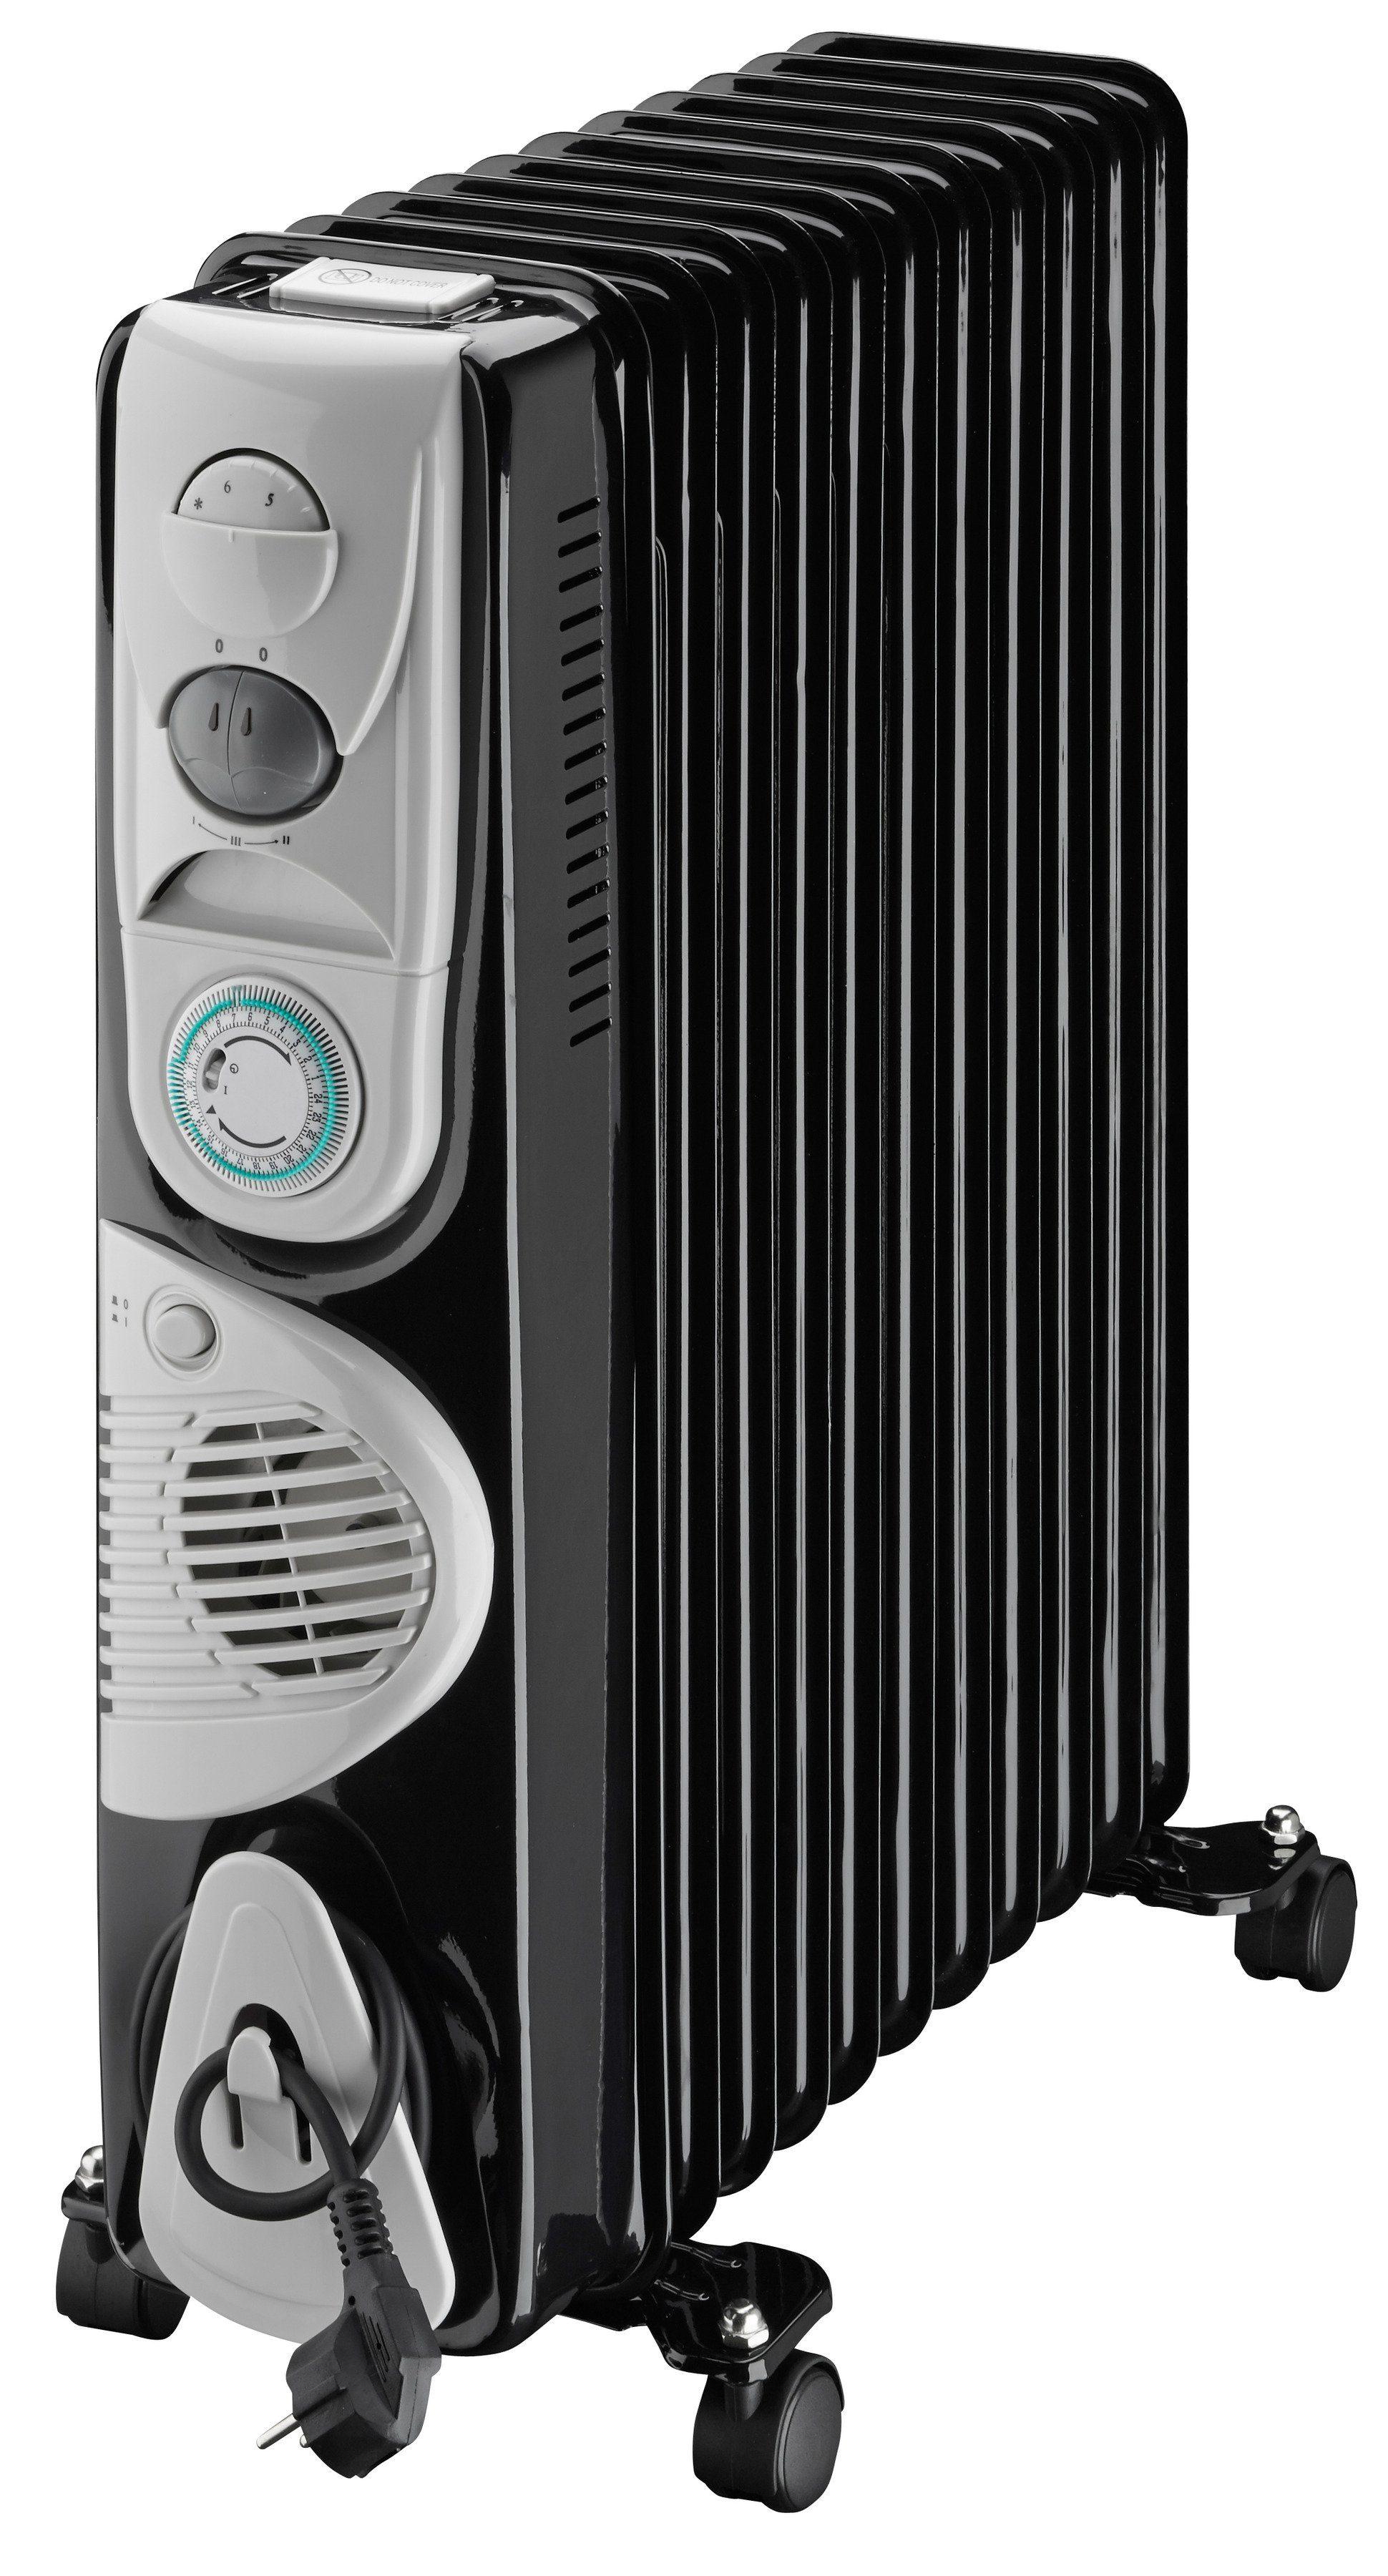 Ölradiator »HOR 2900/11/4 GZ Basic« 2900 Watt, Gebläsefunktion